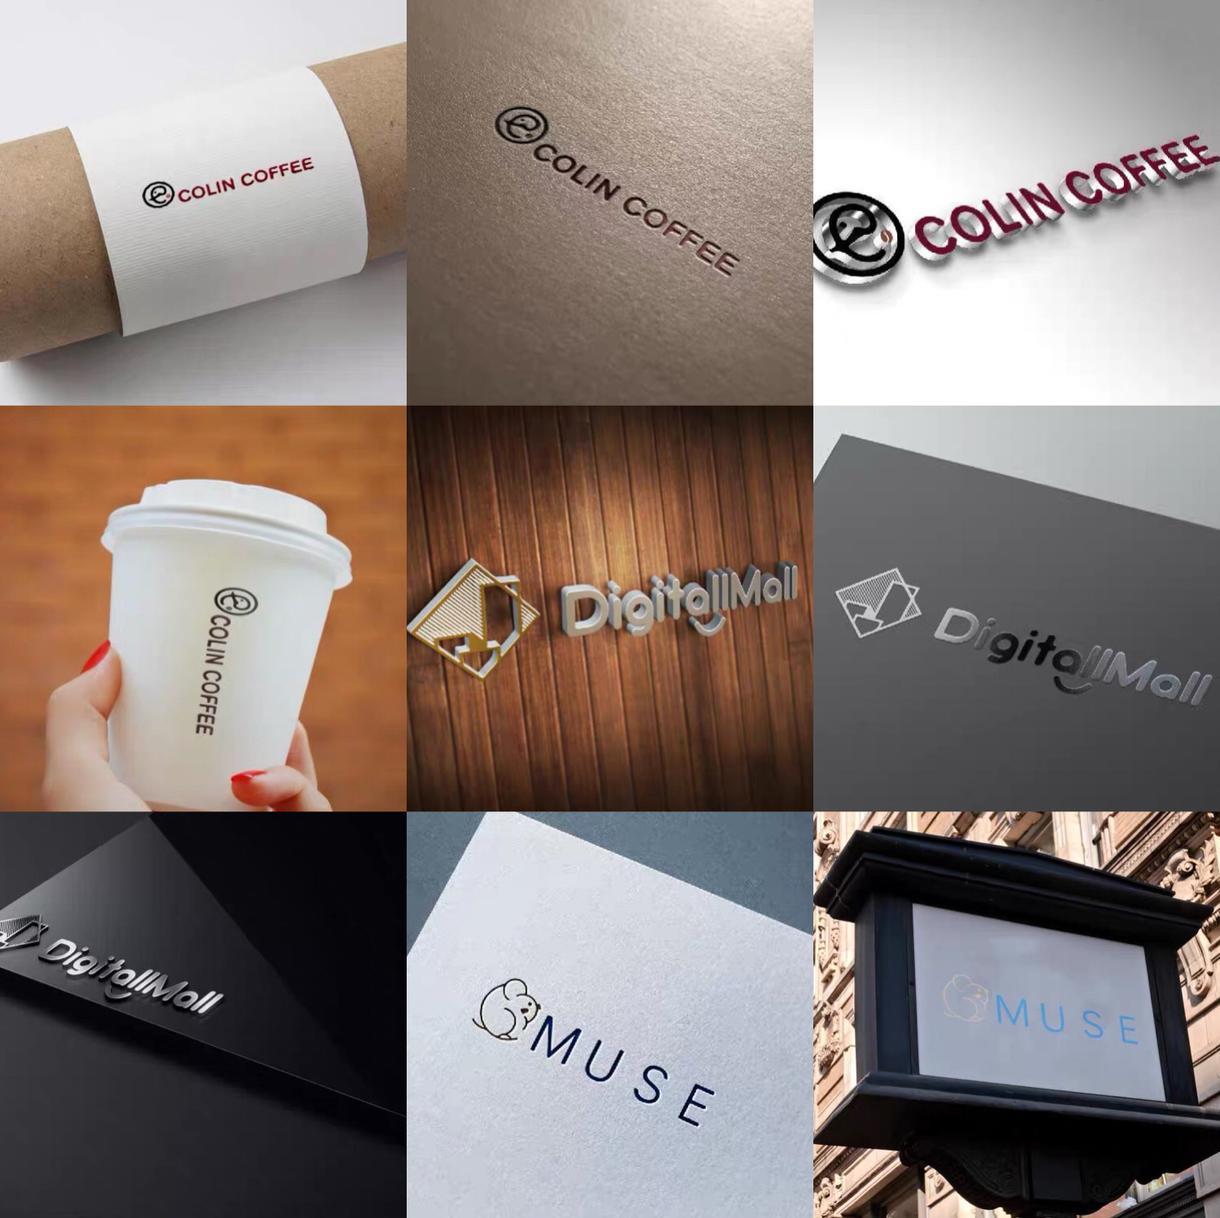 ロゴ・名刺・パンフレットなど色々デザインします 大切なロゴを心を込めてご提案いたします。